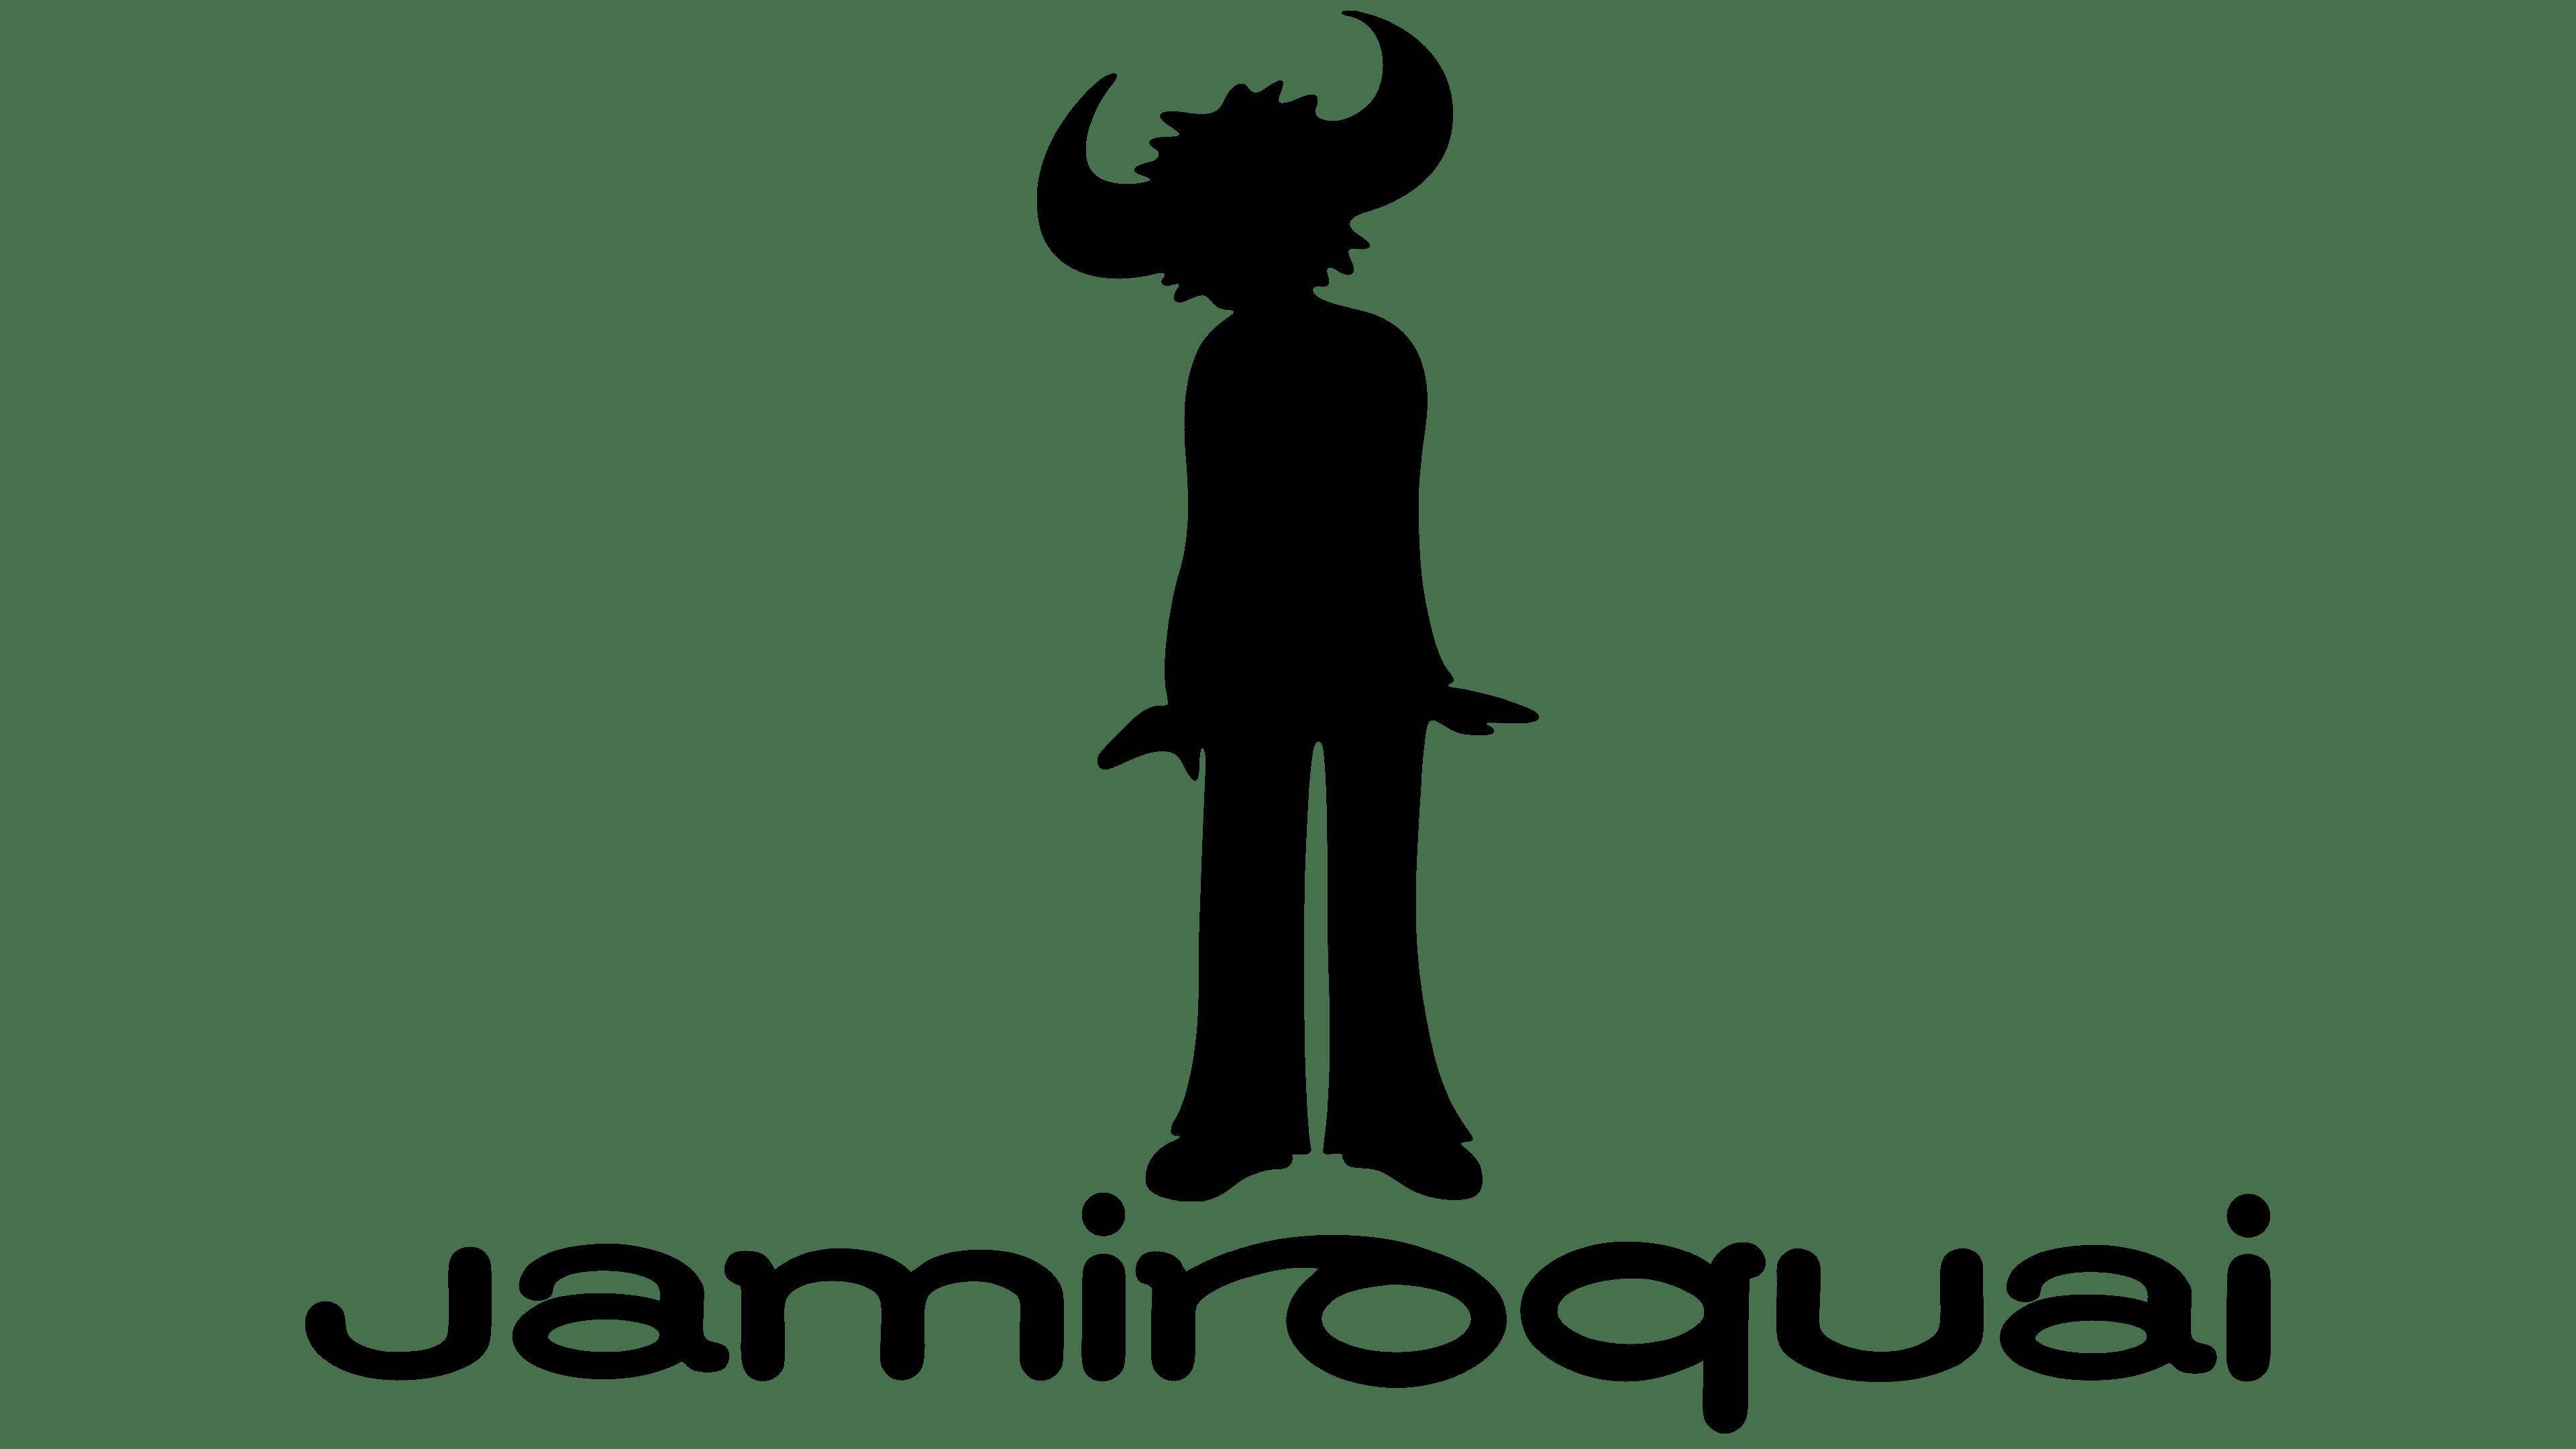 Jamiroquai Logo | Significado, História e PNG